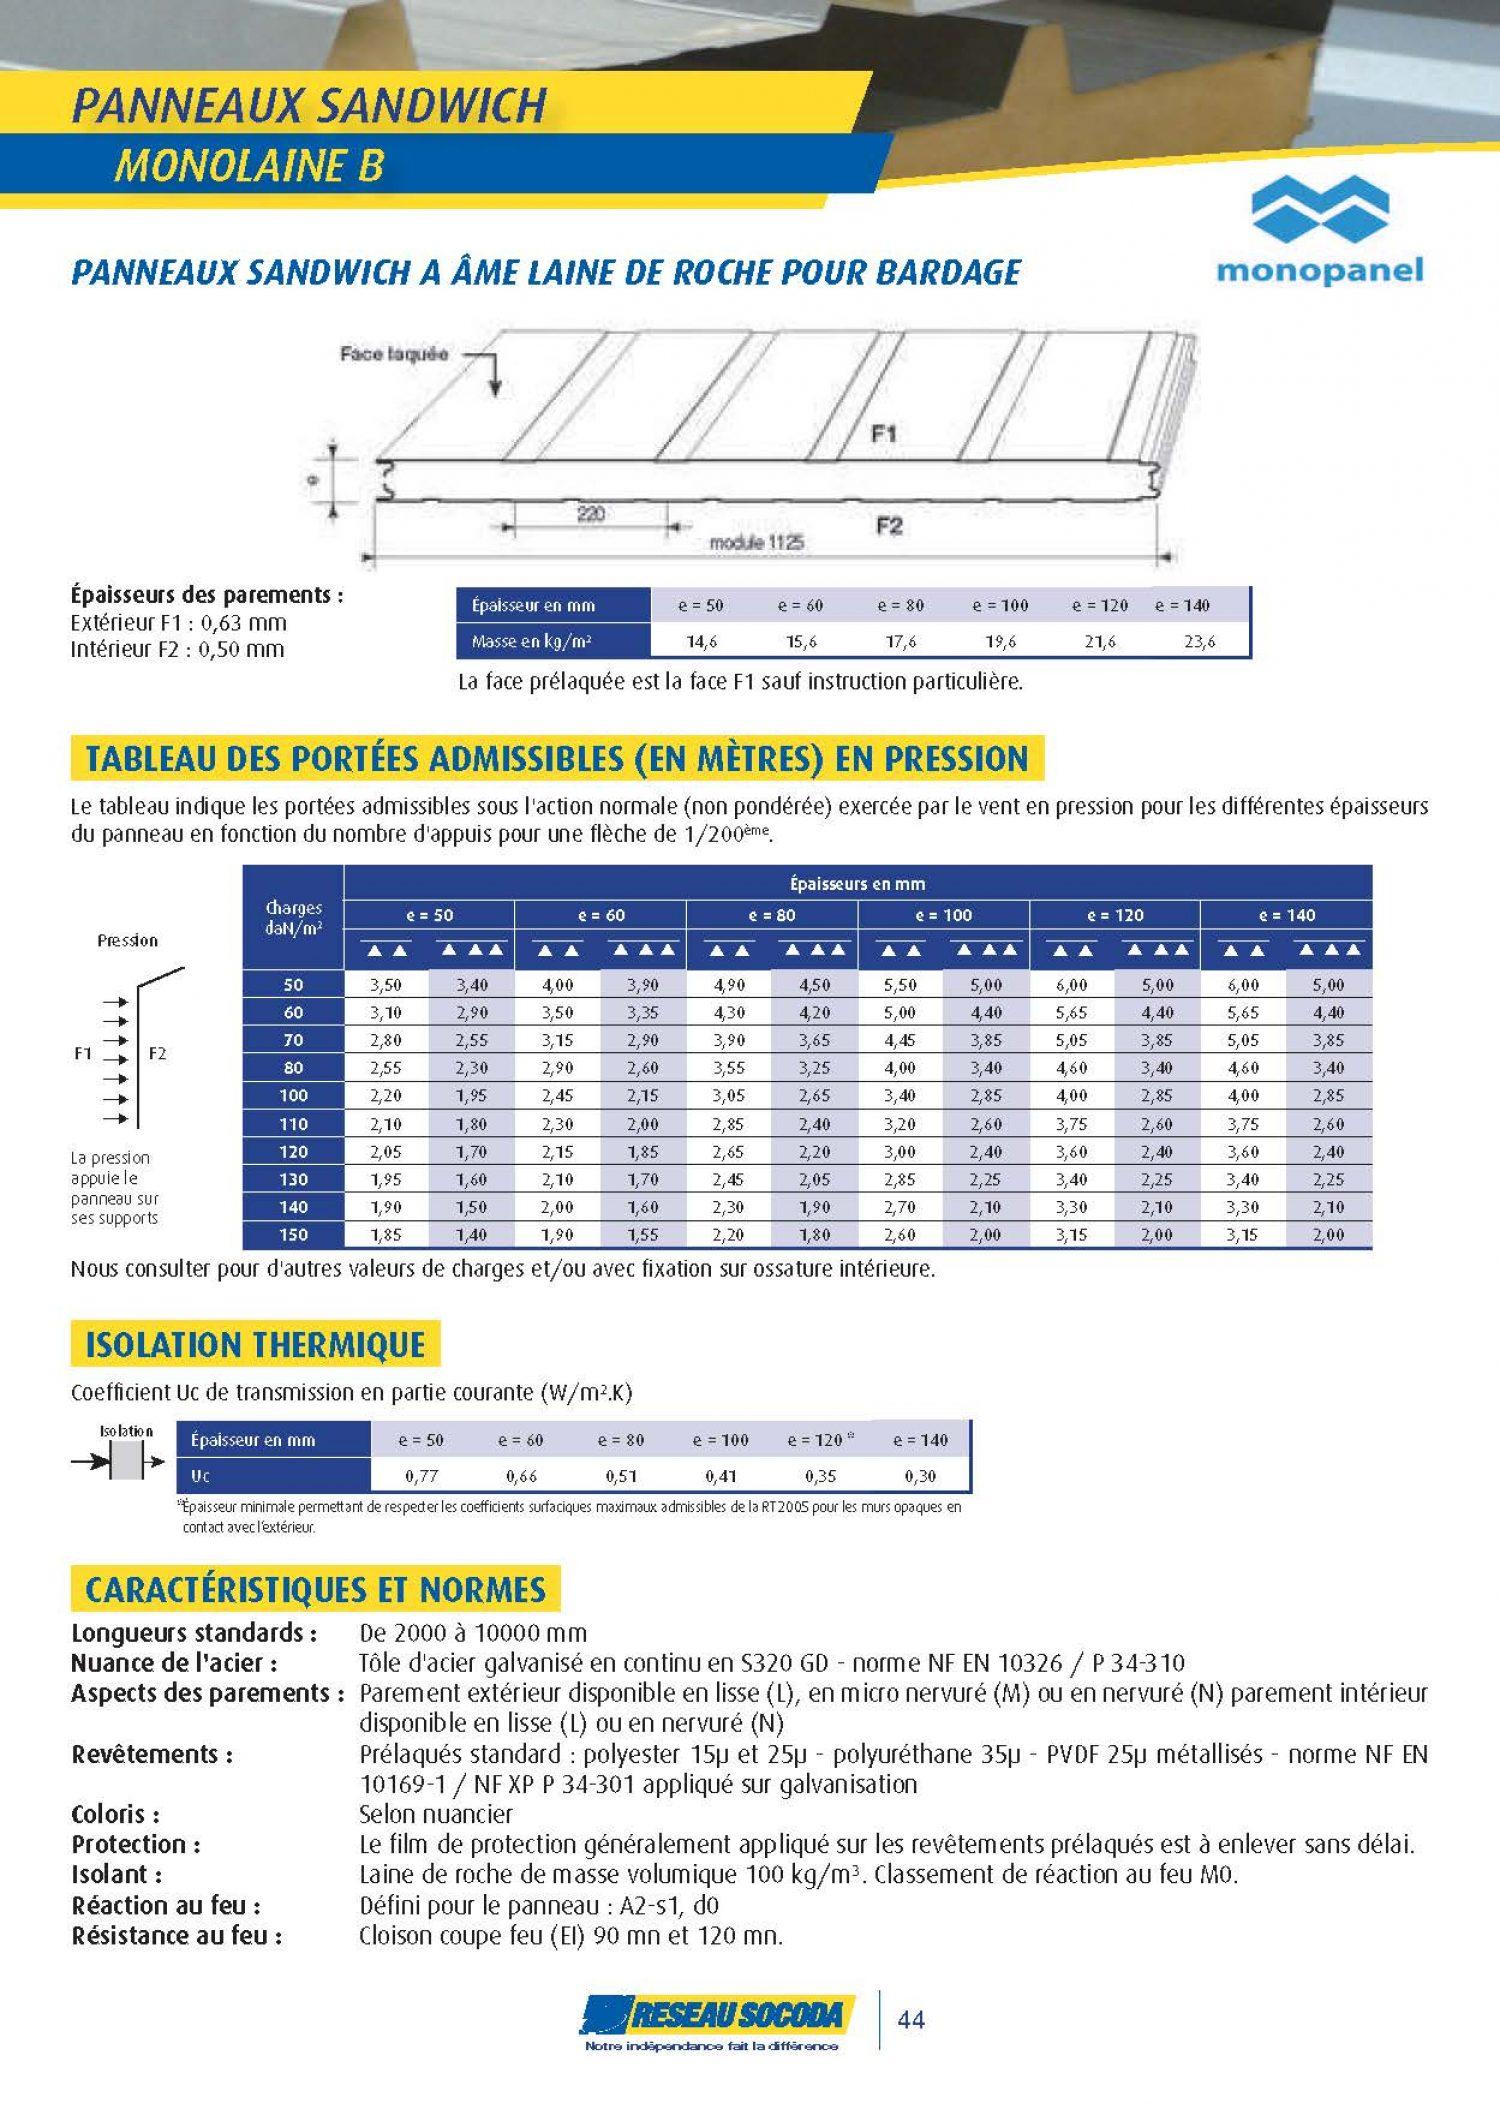 GERMOND_2014 PROFIL BATIMENT_20140324-184231_Page_44